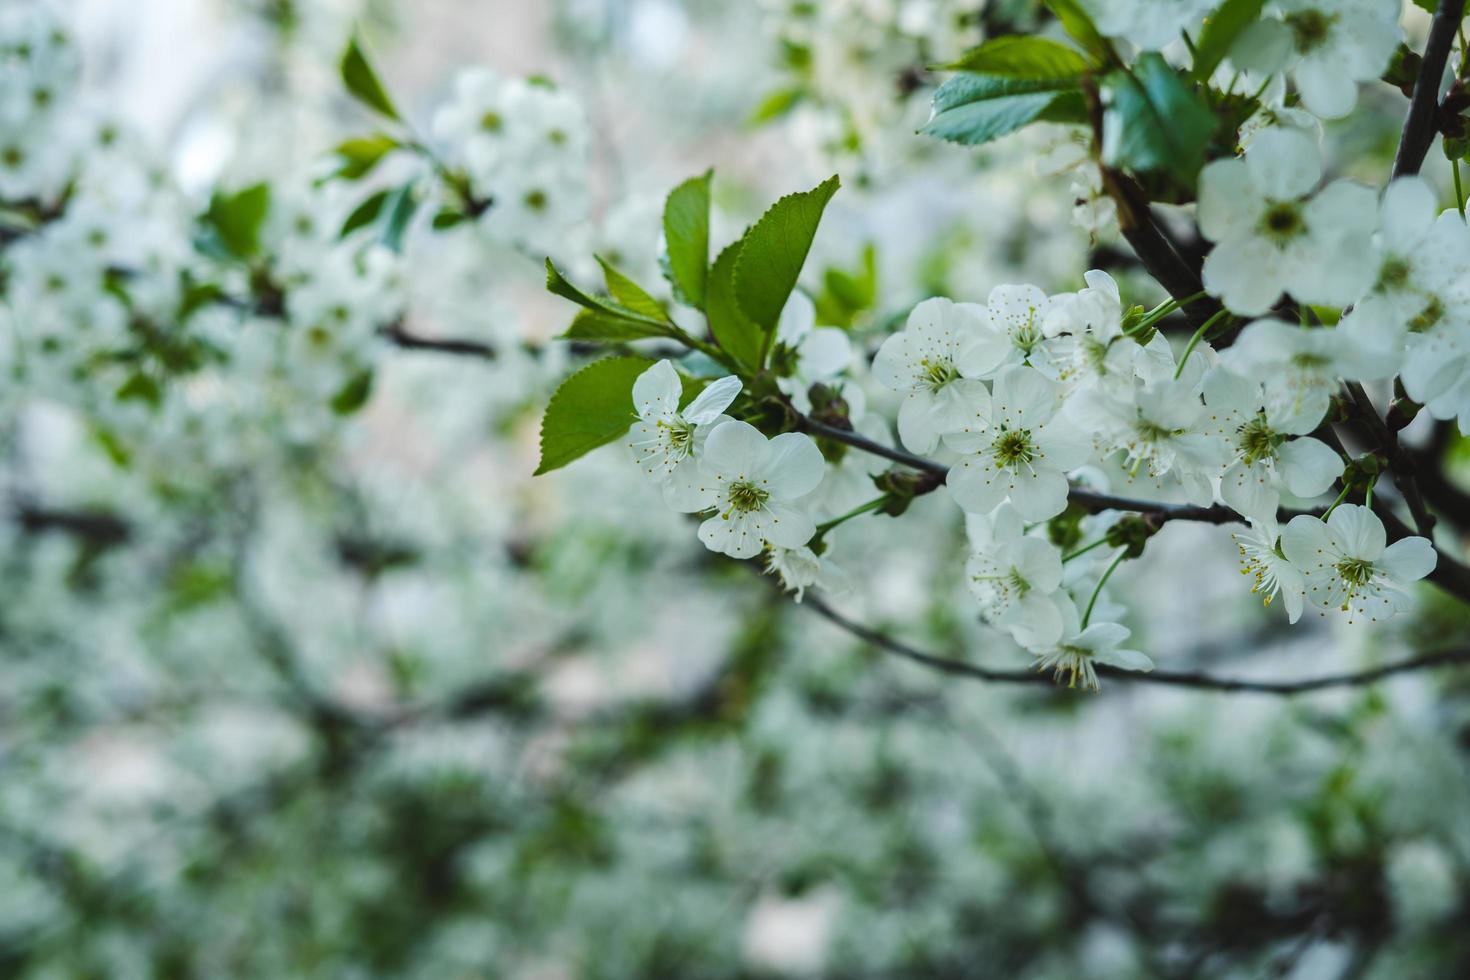 fleur de cerisier blanc photo